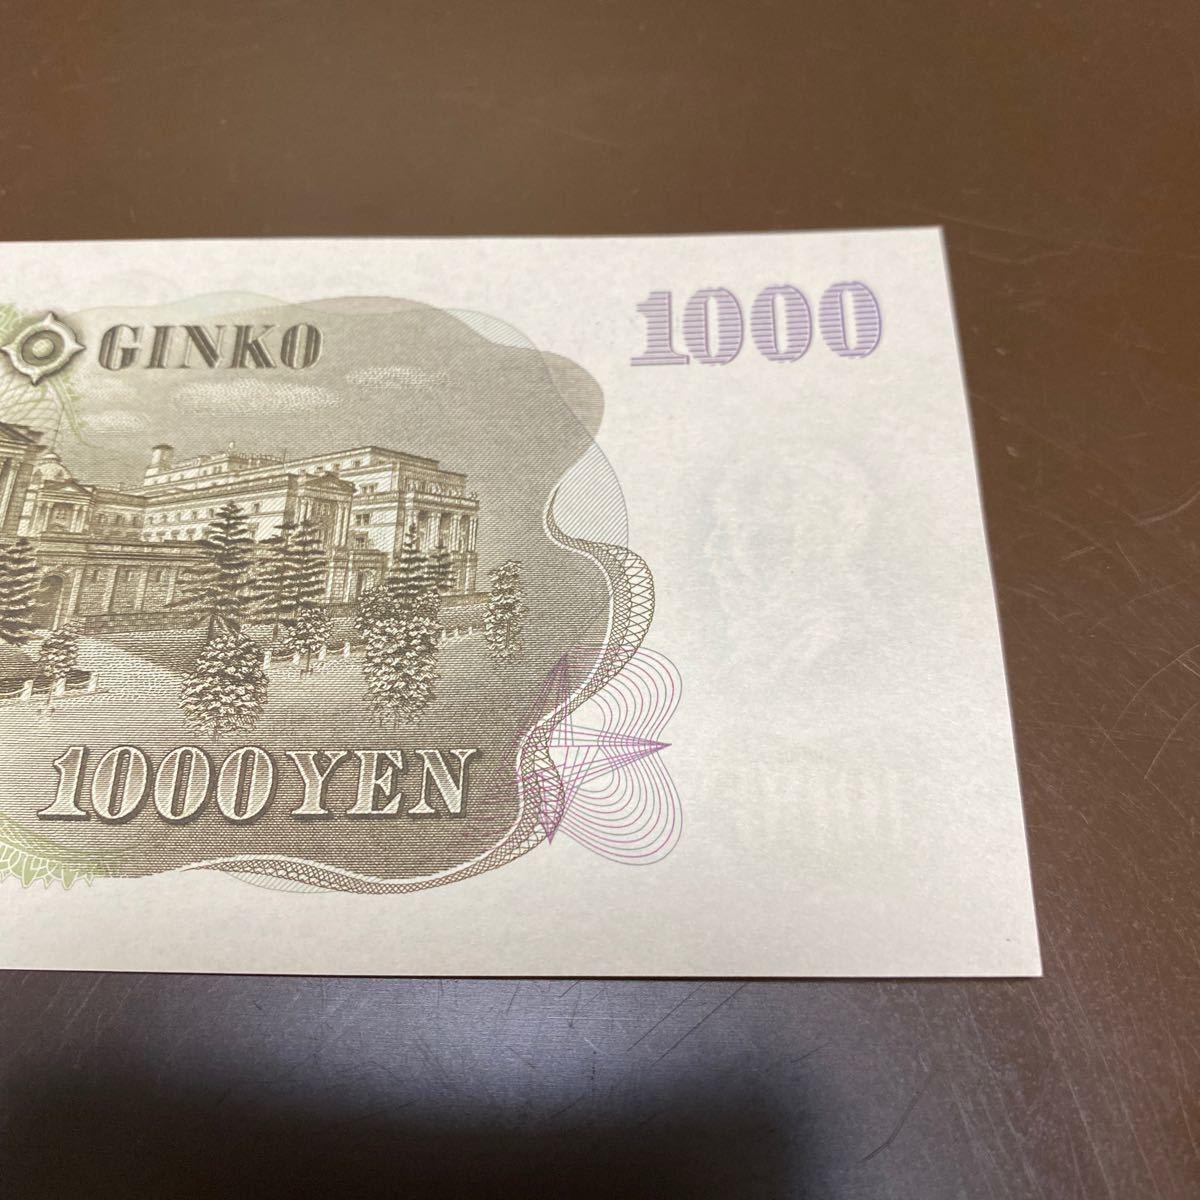 伊藤博文 1000円札 h_画像6